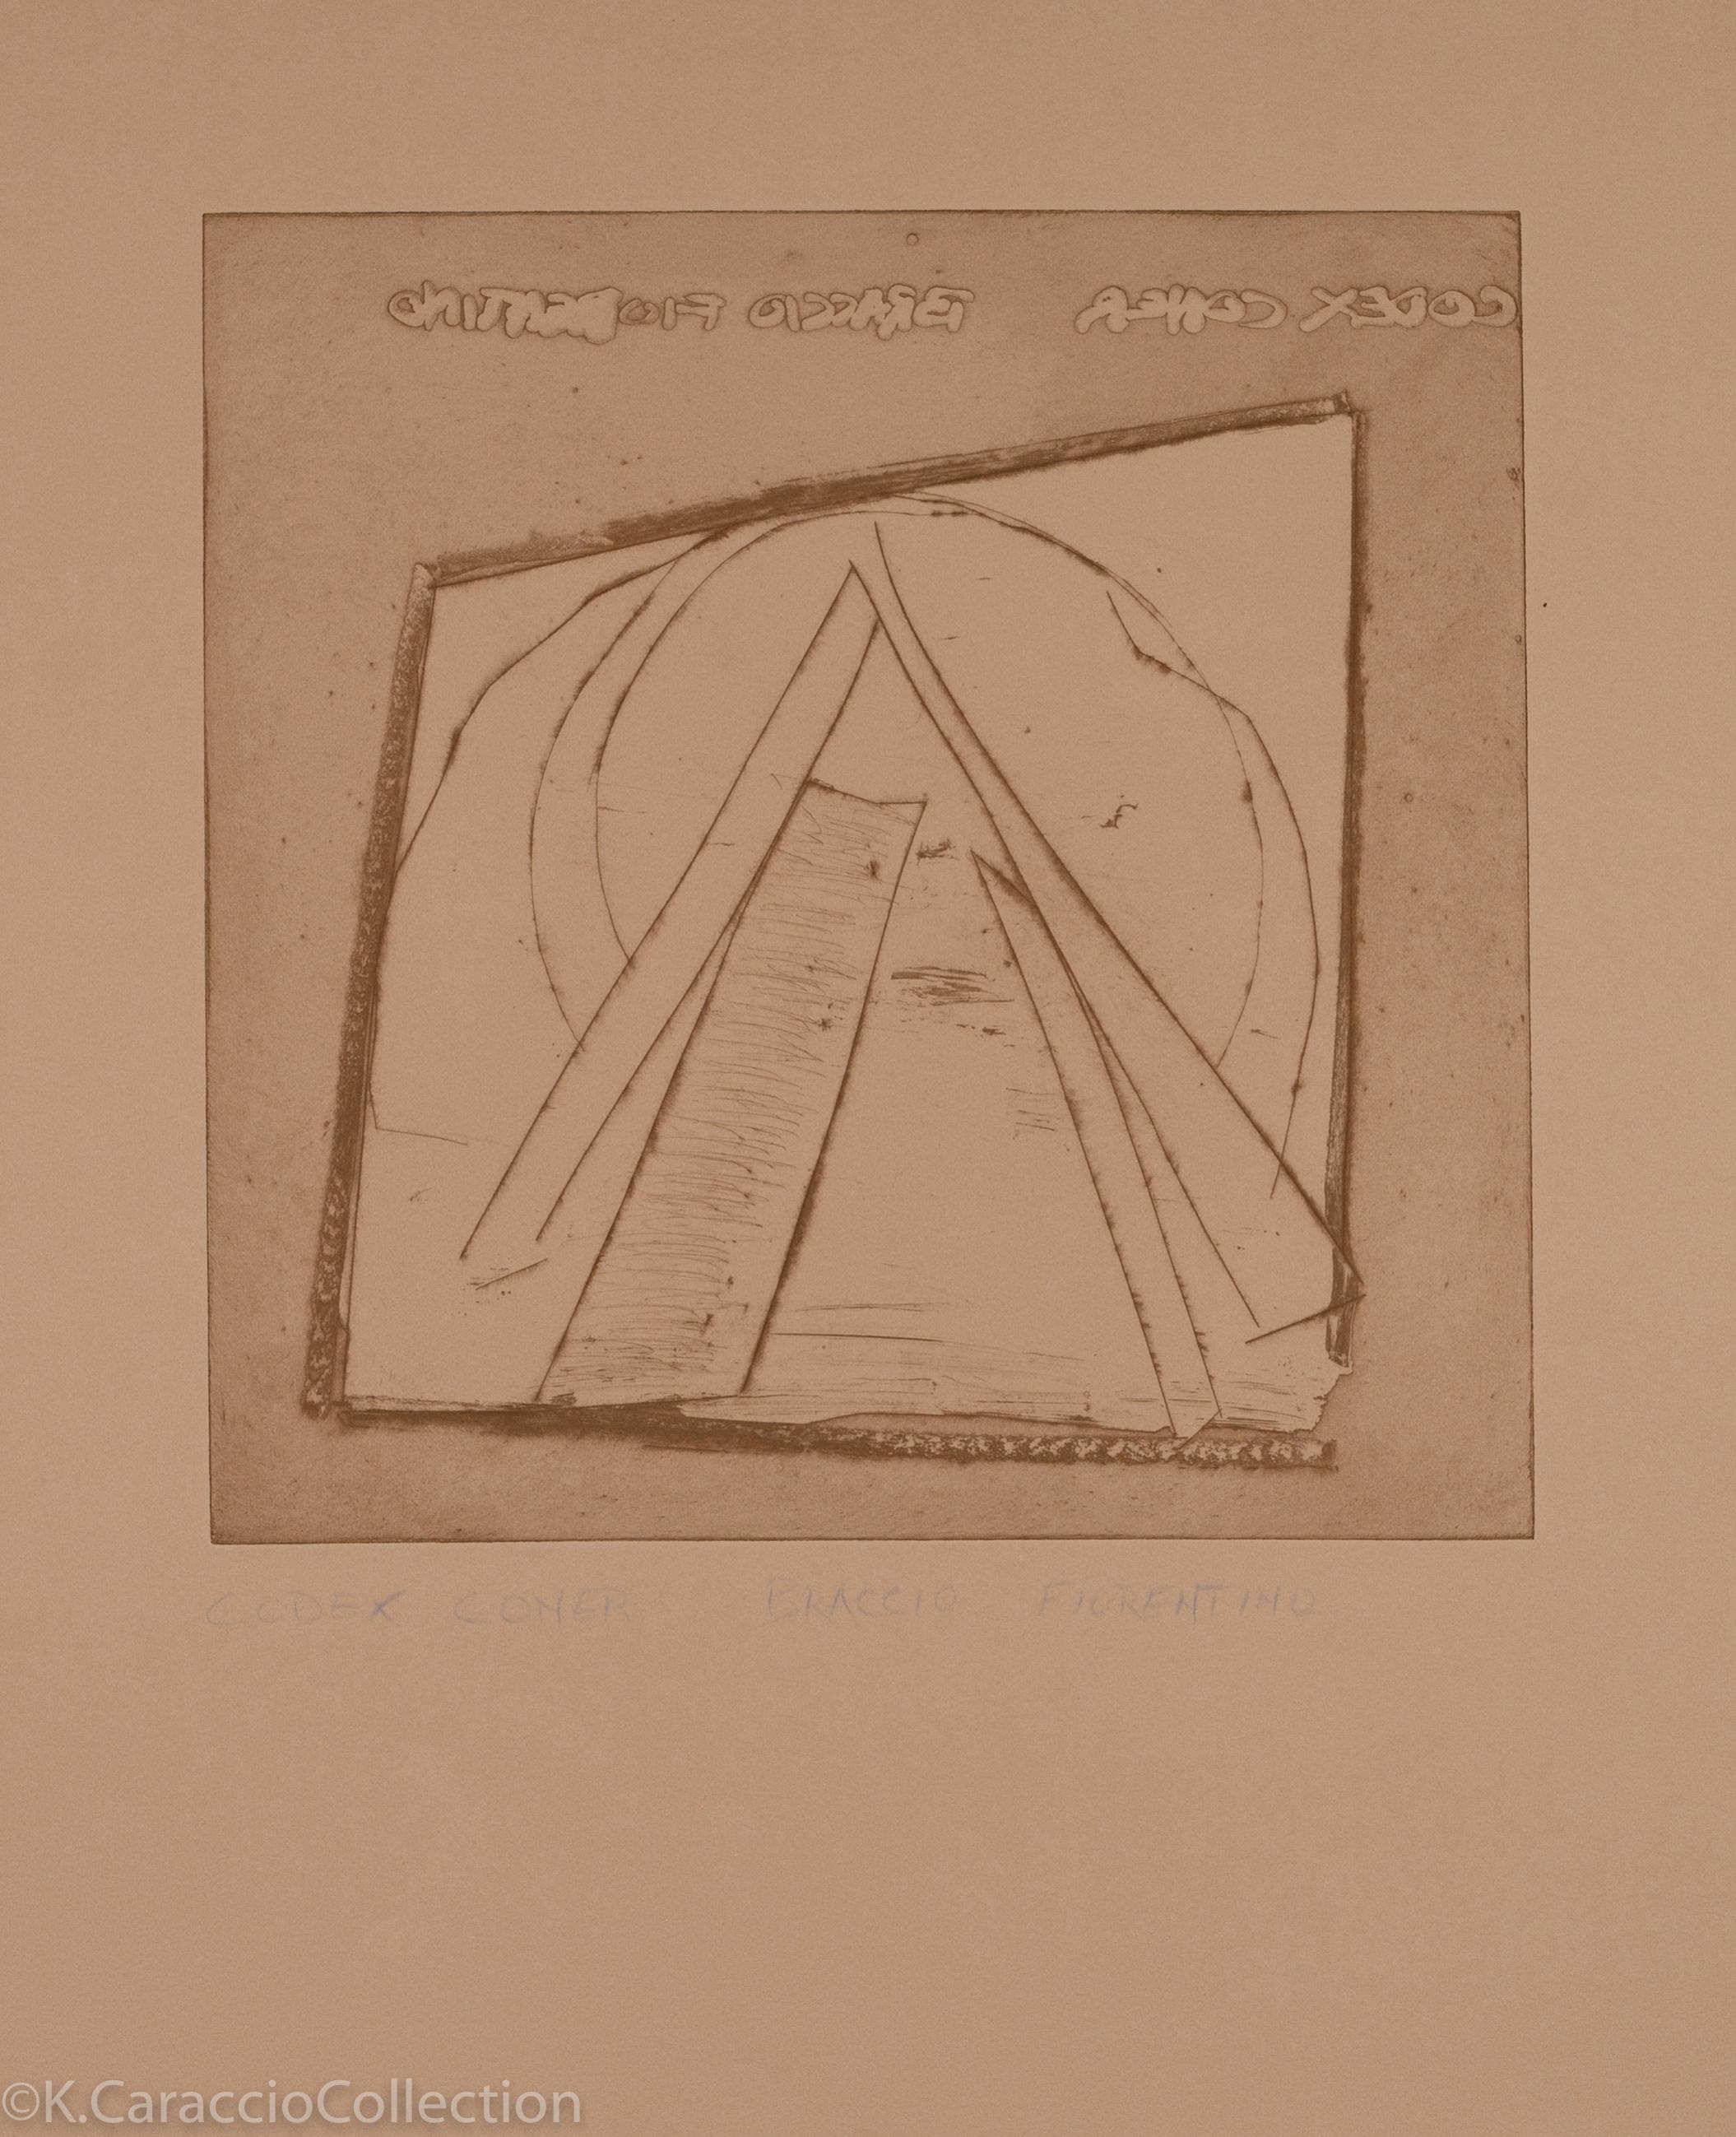 CODEX CONER, 1980